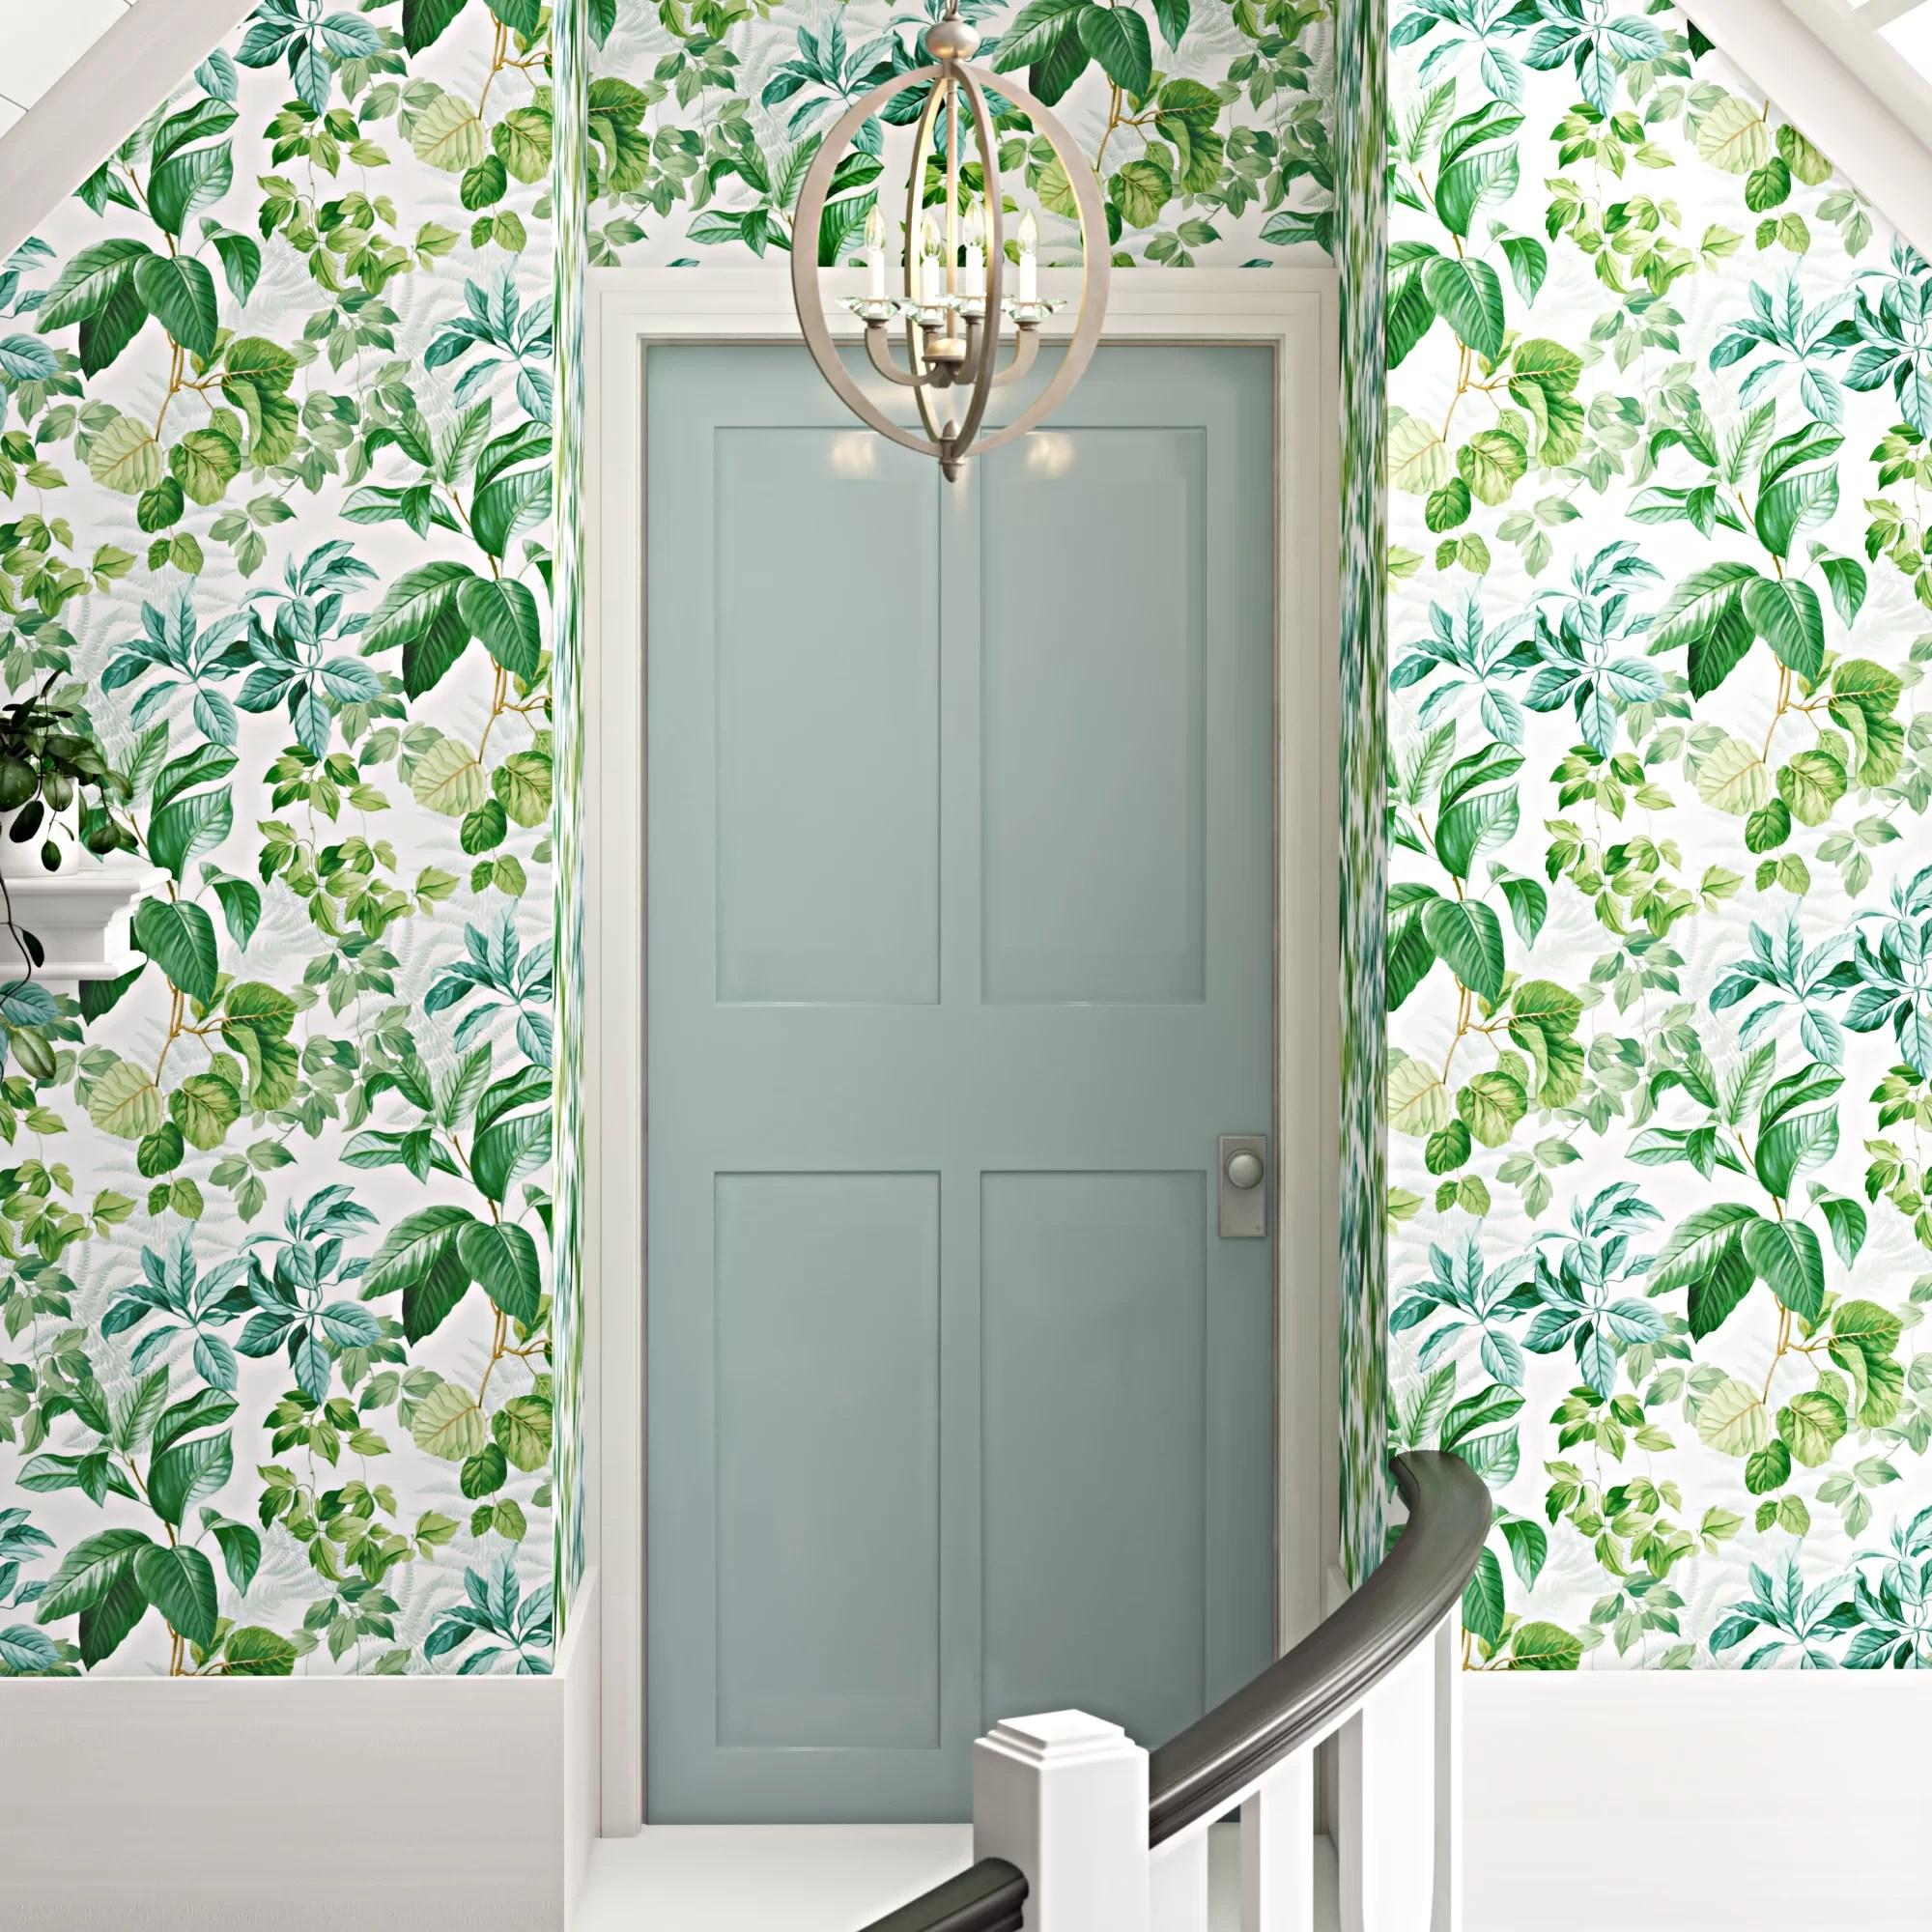 Green Self Adhesive Wallpaper You Ll Love In 2020 Wayfair